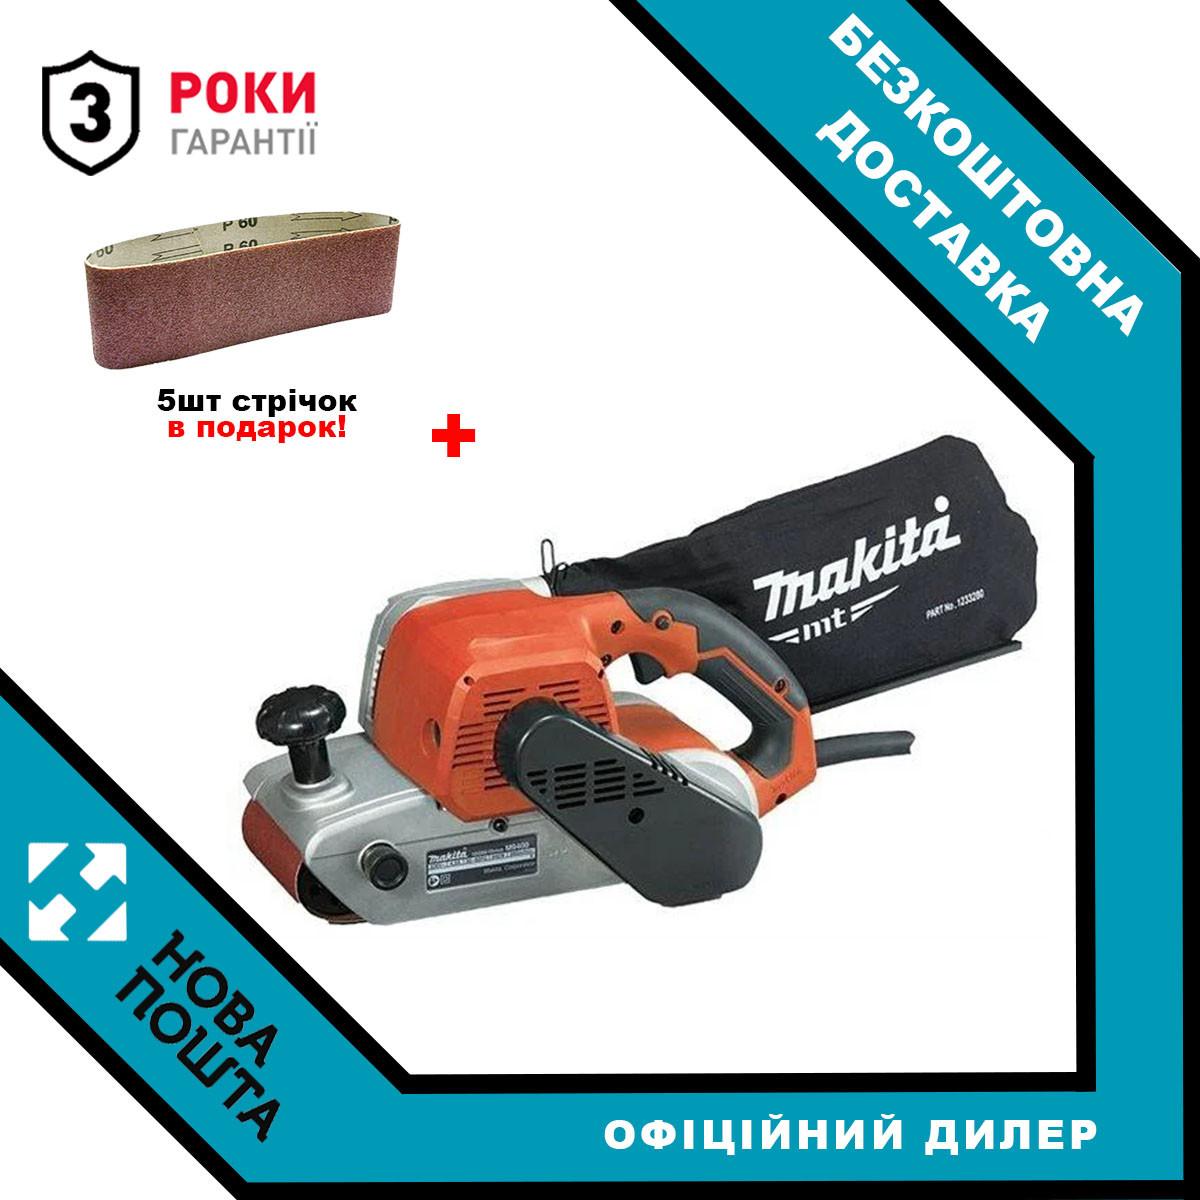 Стрічкова шліфмашина MAKITA M9400 + в подарунок 5 стрічок!